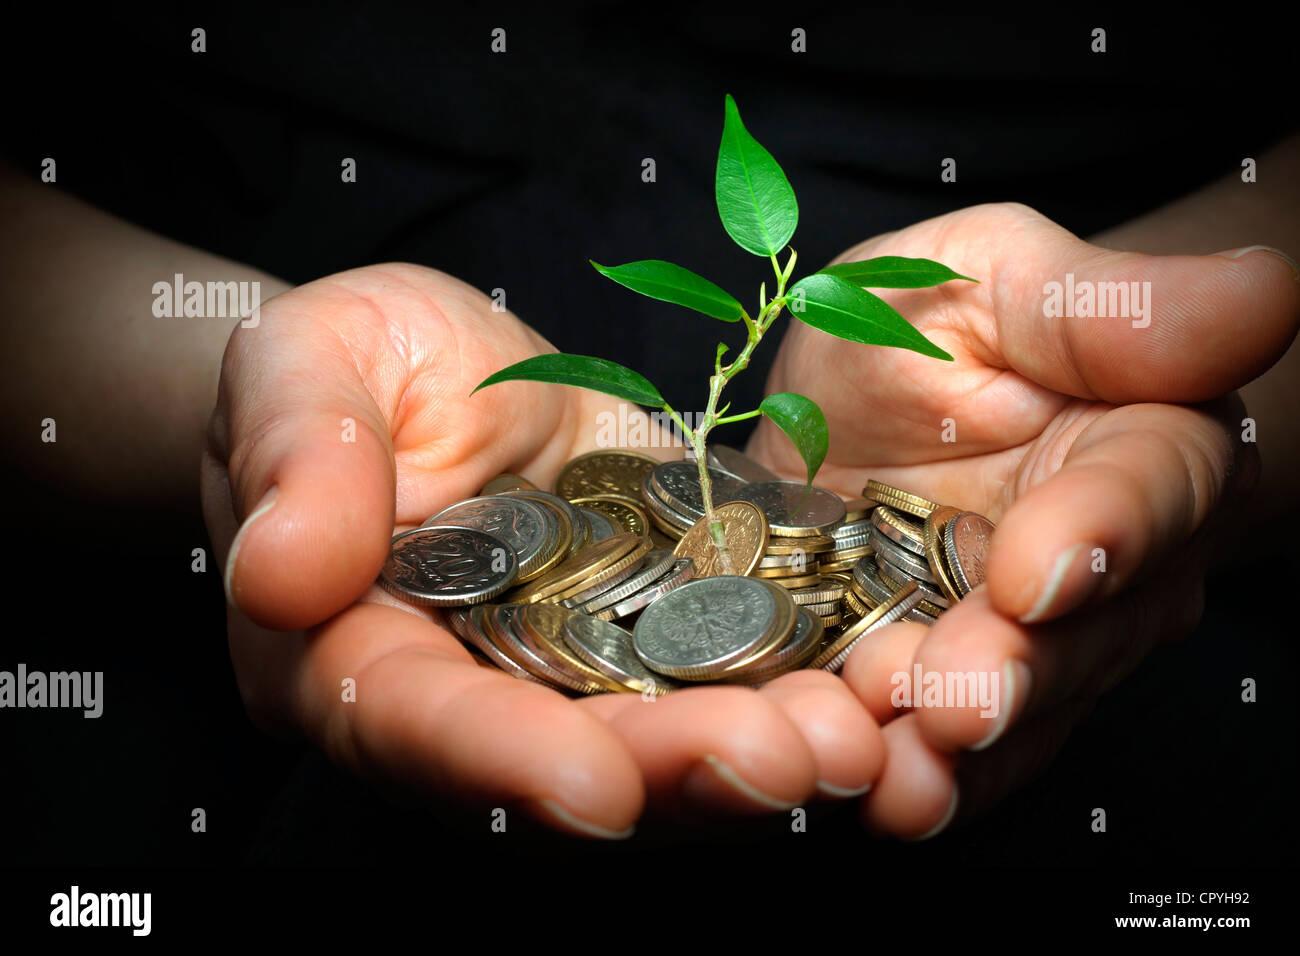 Empresario celebración planta brotando desde un puñado de monedas - buena inversión y dinero concepto Imagen De Stock